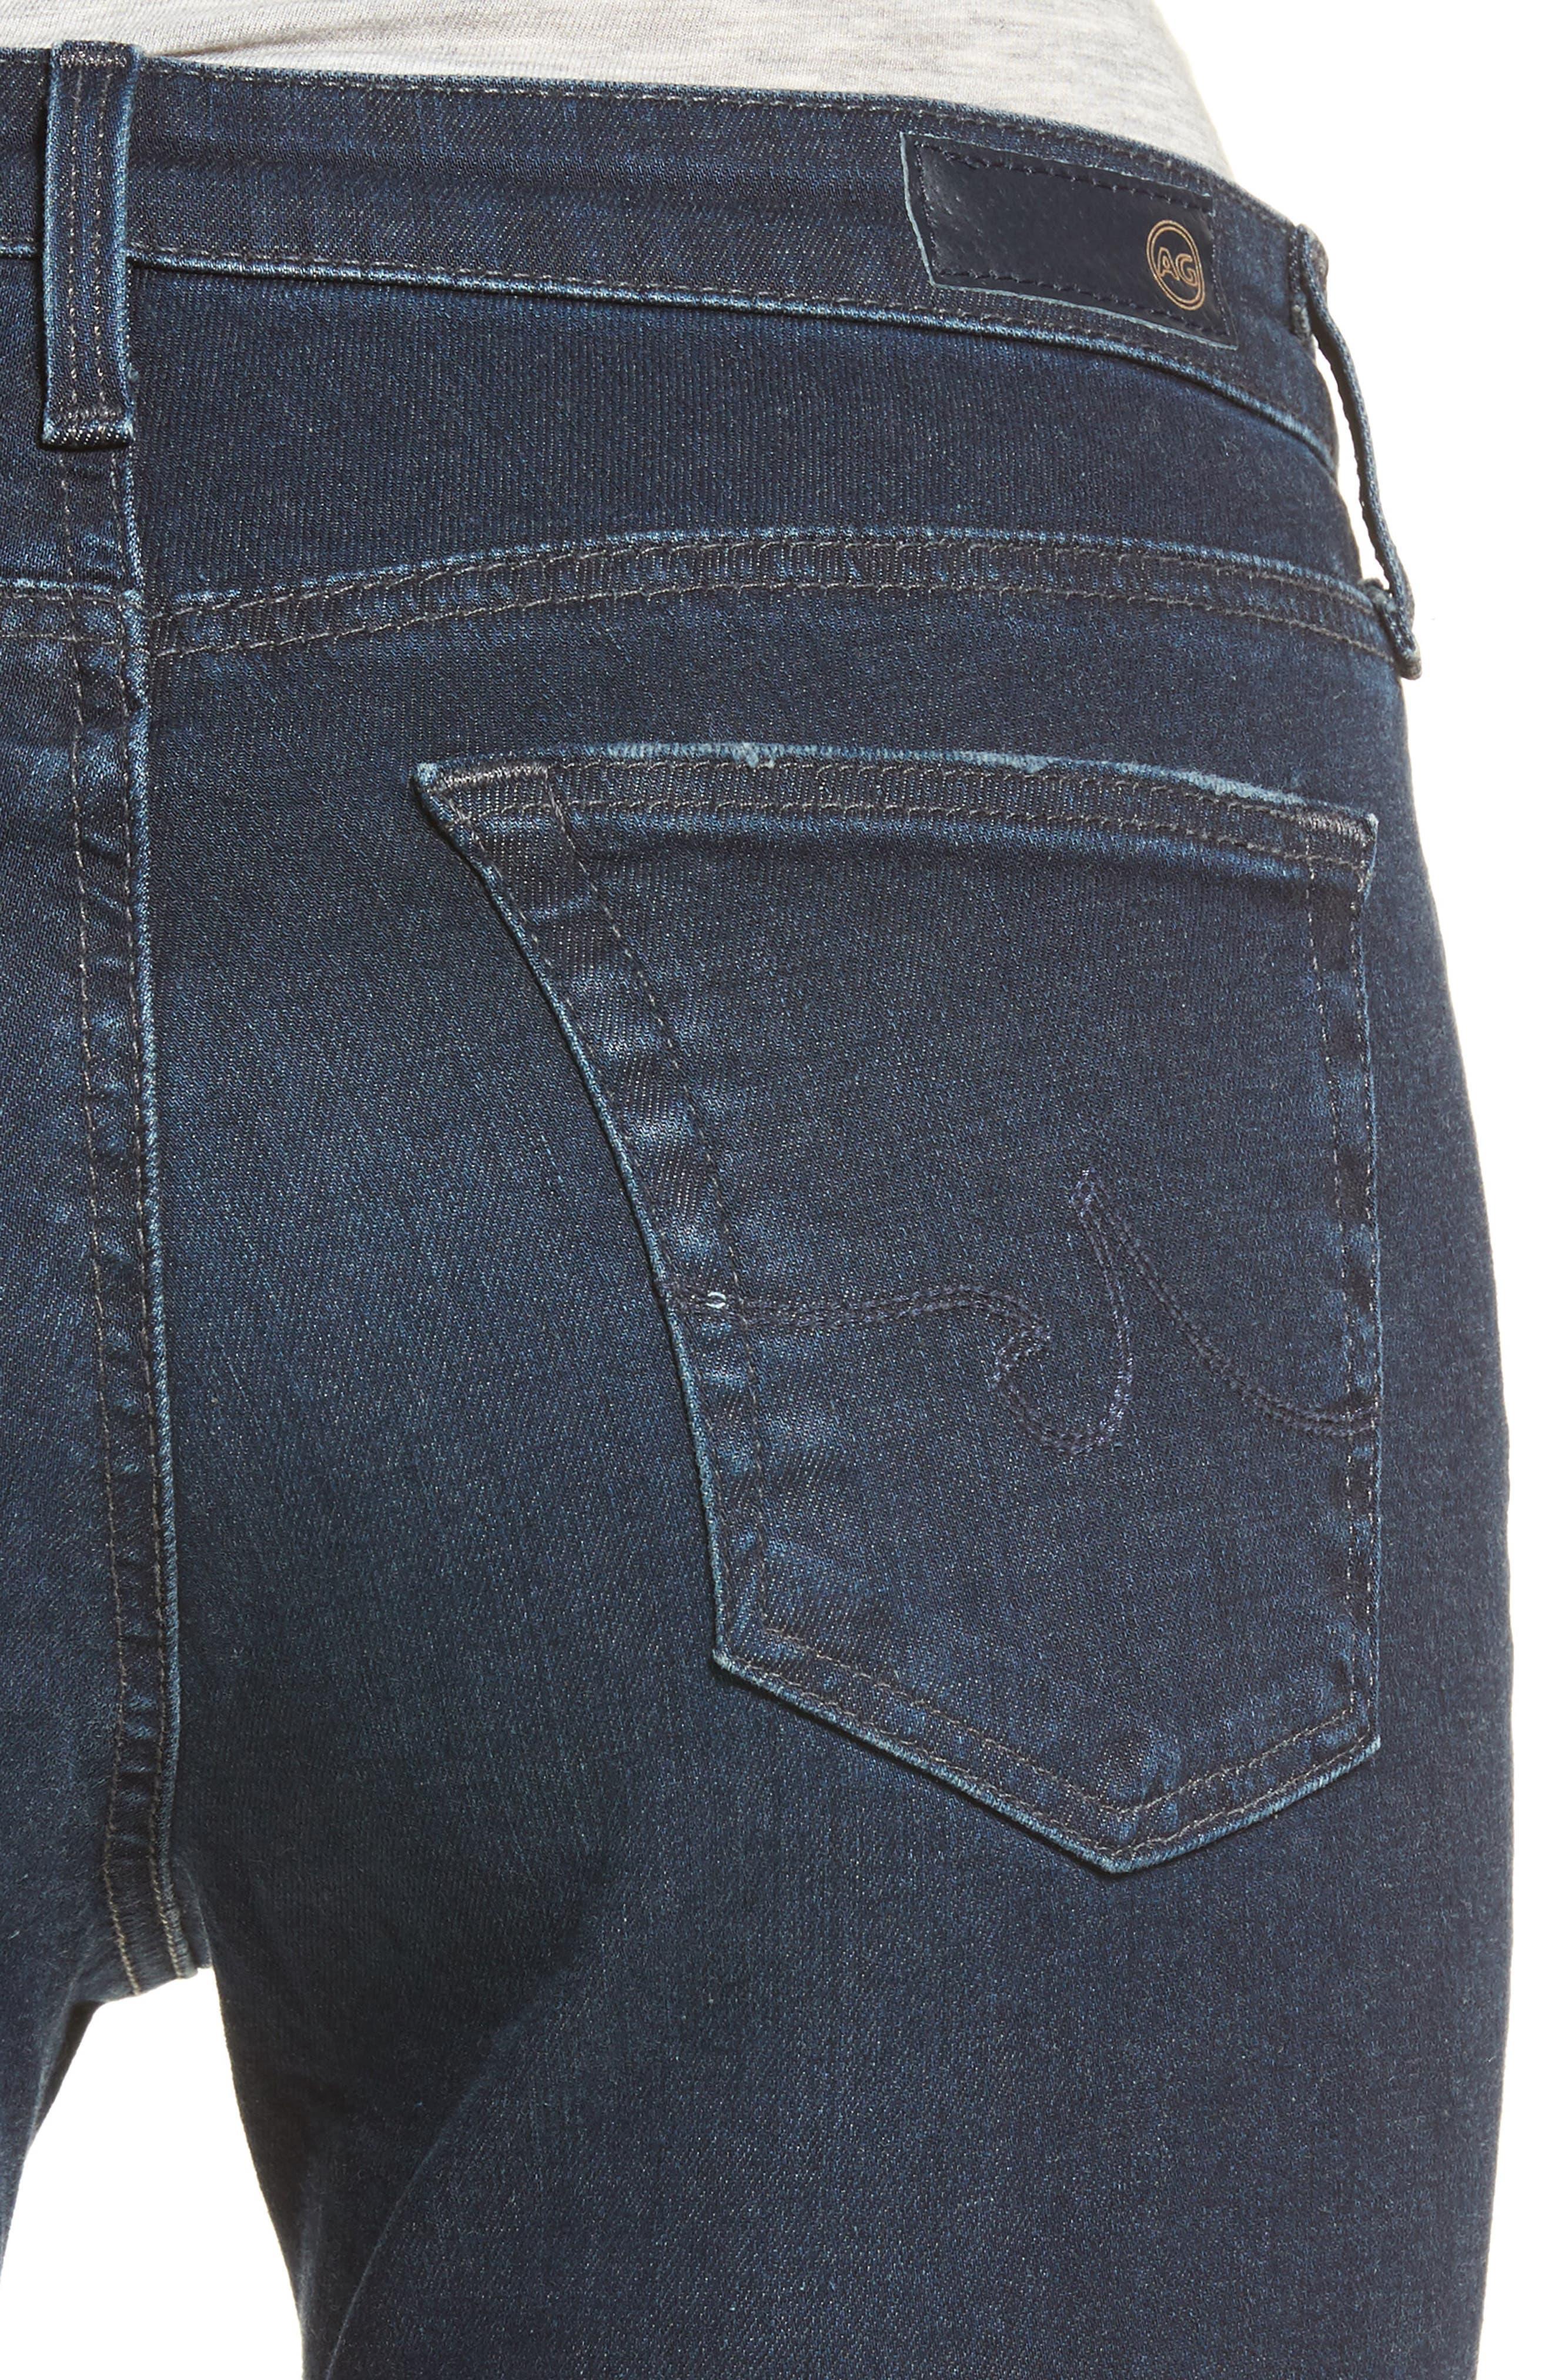 Alternate Image 4  - AG The Legging Ankle Jeans (Emanate)